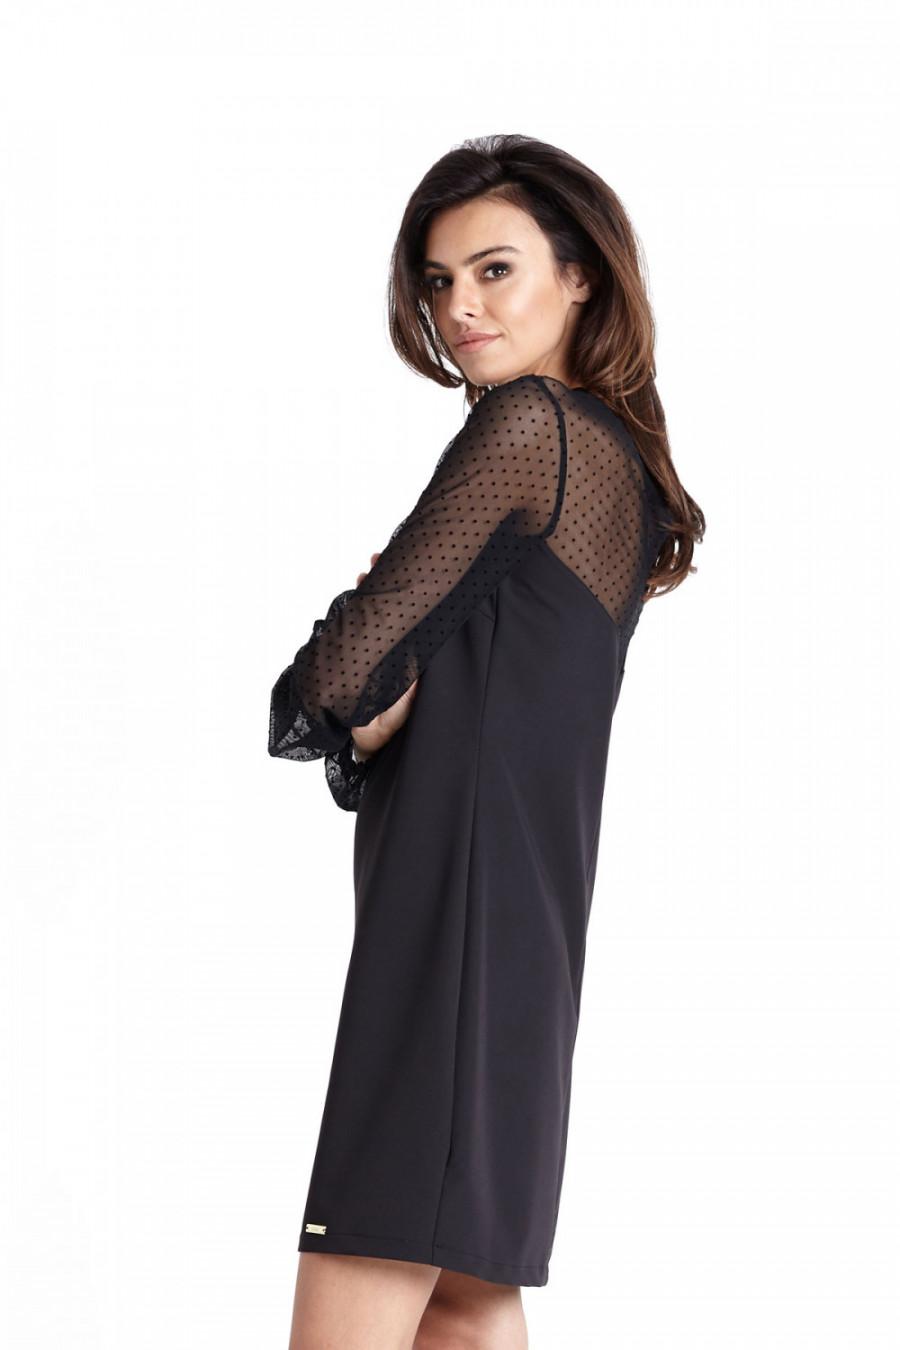 bf8d7dbb86db07 Trapezowa elegancka sukienka wizytowa nad kolano - wysyłka od 5,99 zł